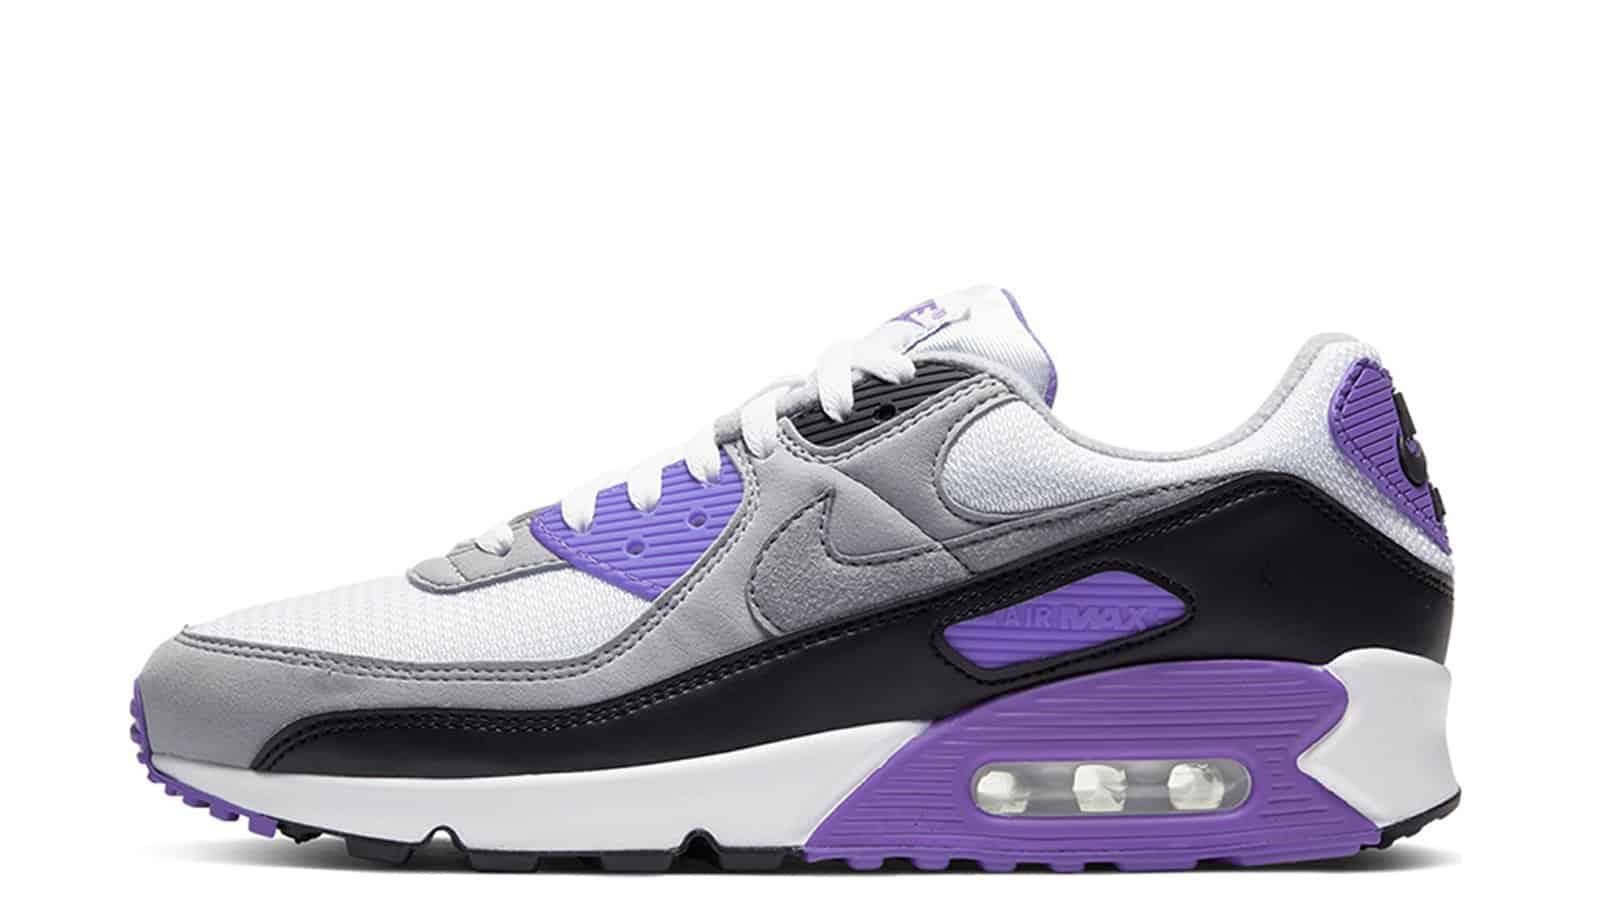 Nike Air Max 90 'Hyper Grape'